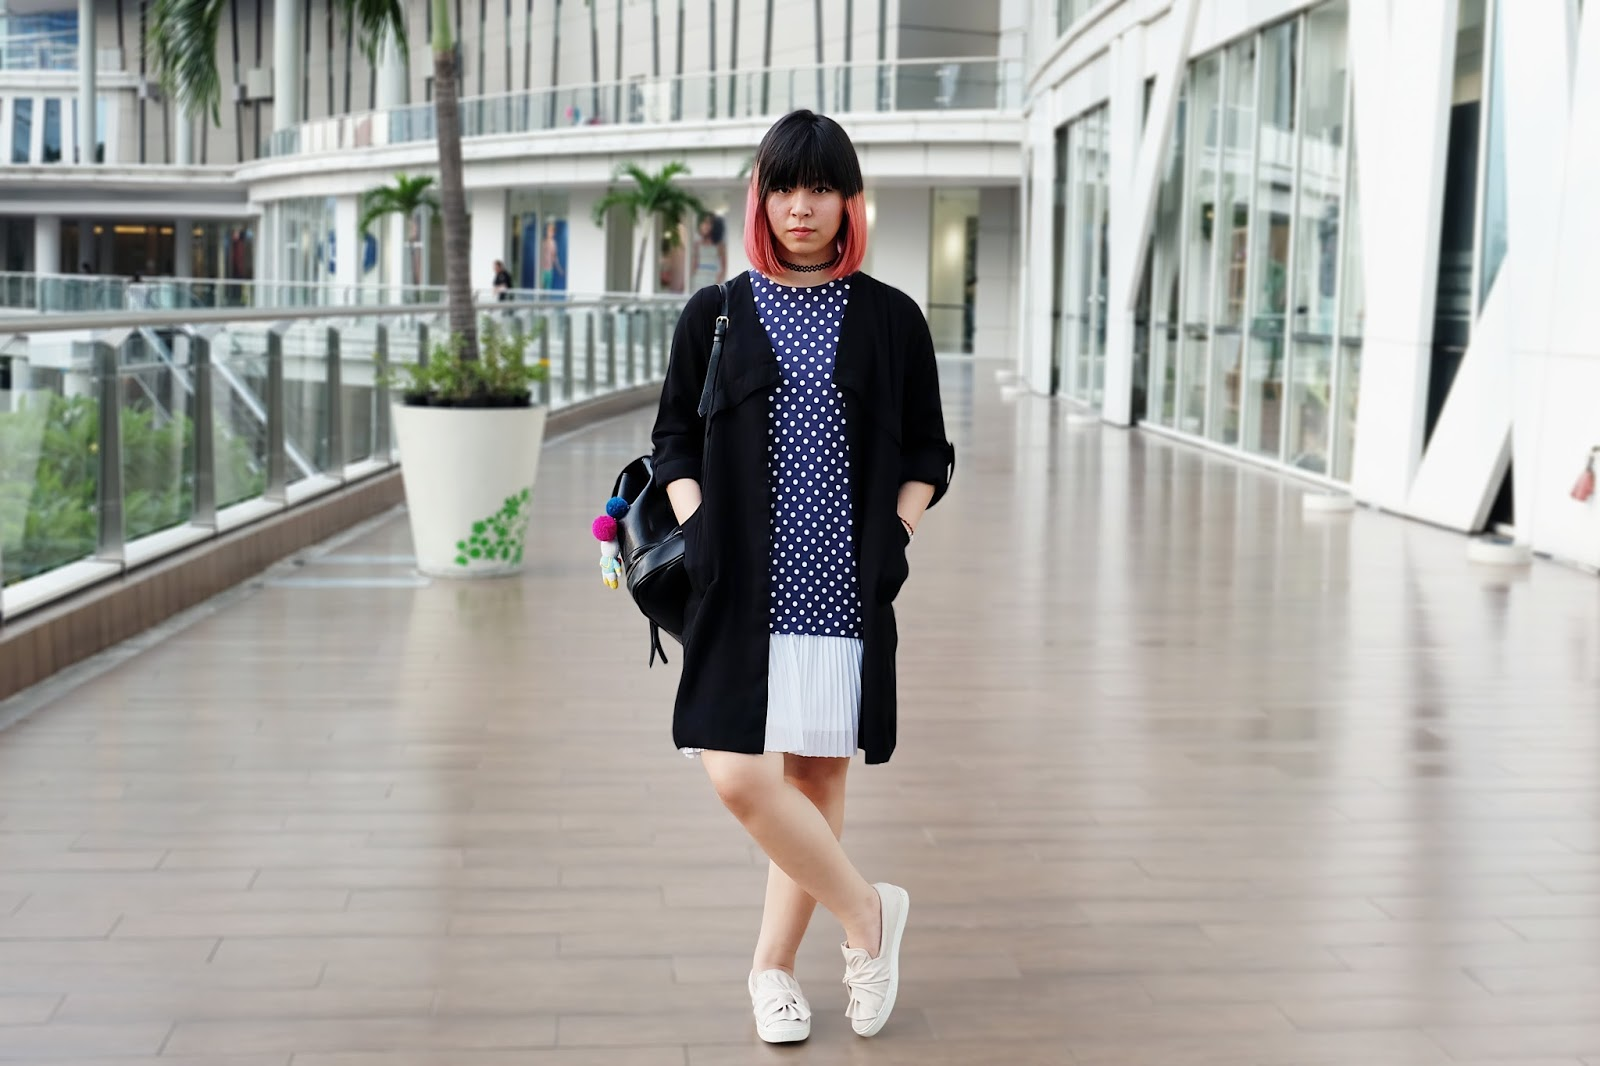 polkadot sleeveless dress with outerwear | bigdreamerblog.com